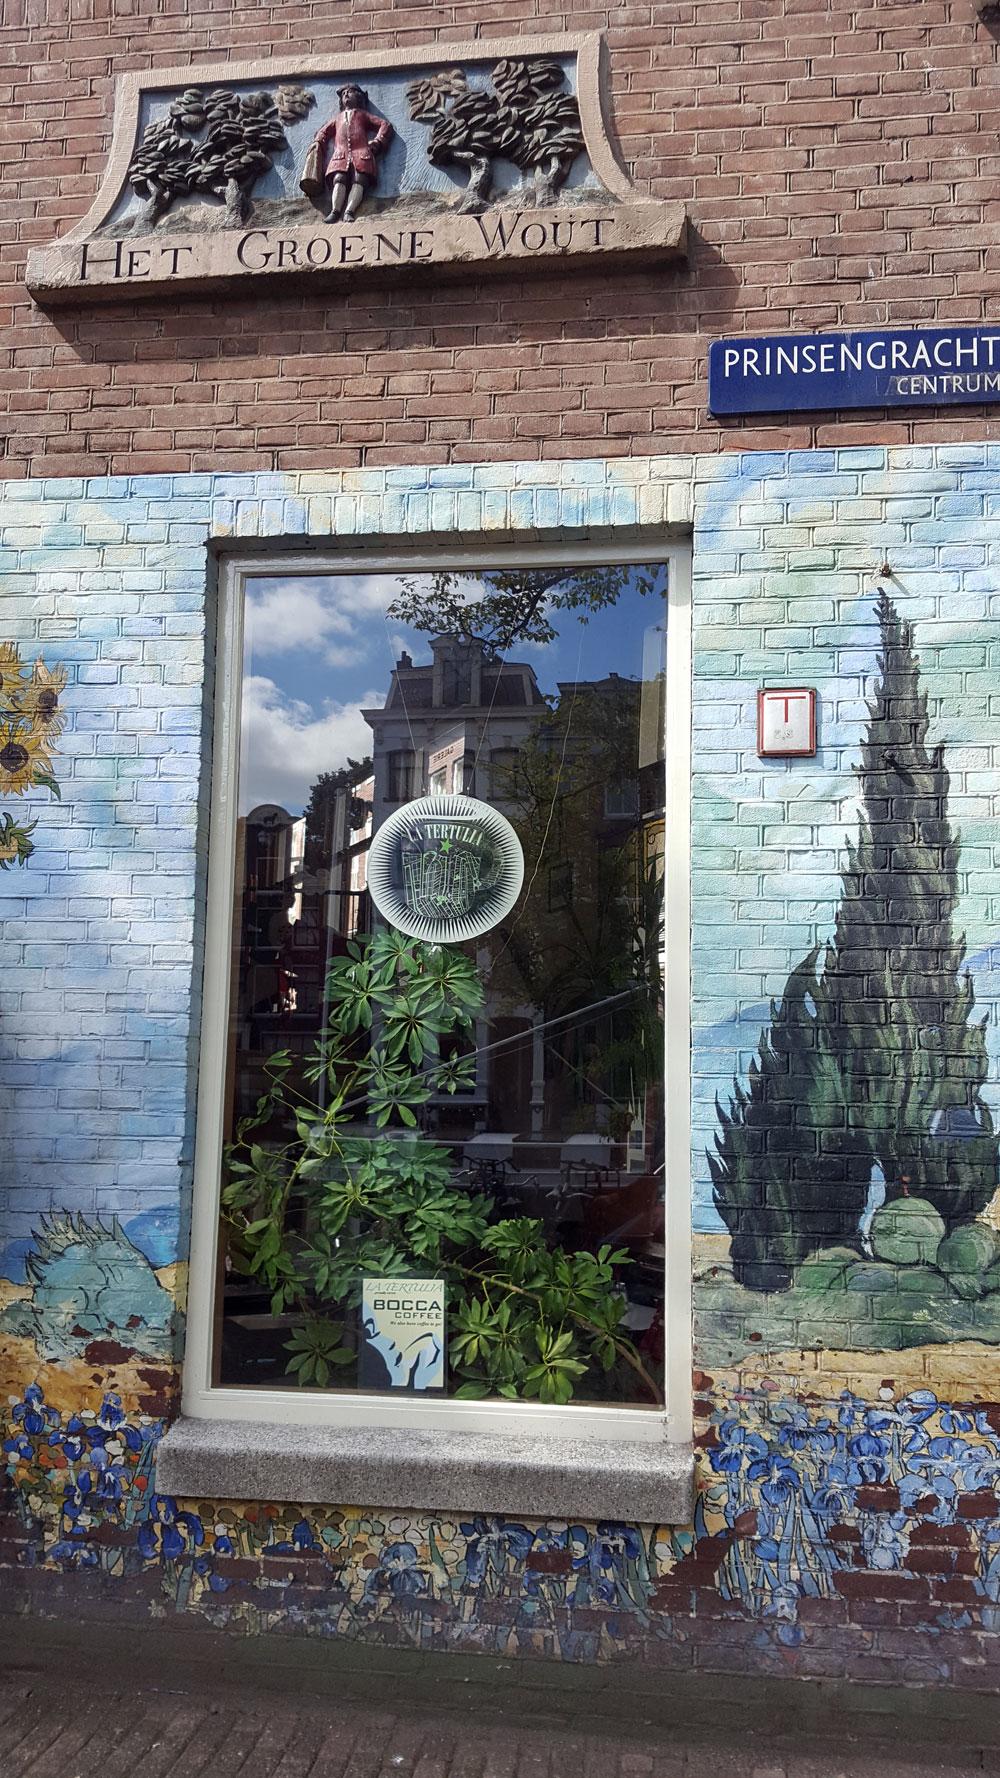 """Coffeeshop """"het groene wout"""" in der Prinsengracht in Amsterdam"""